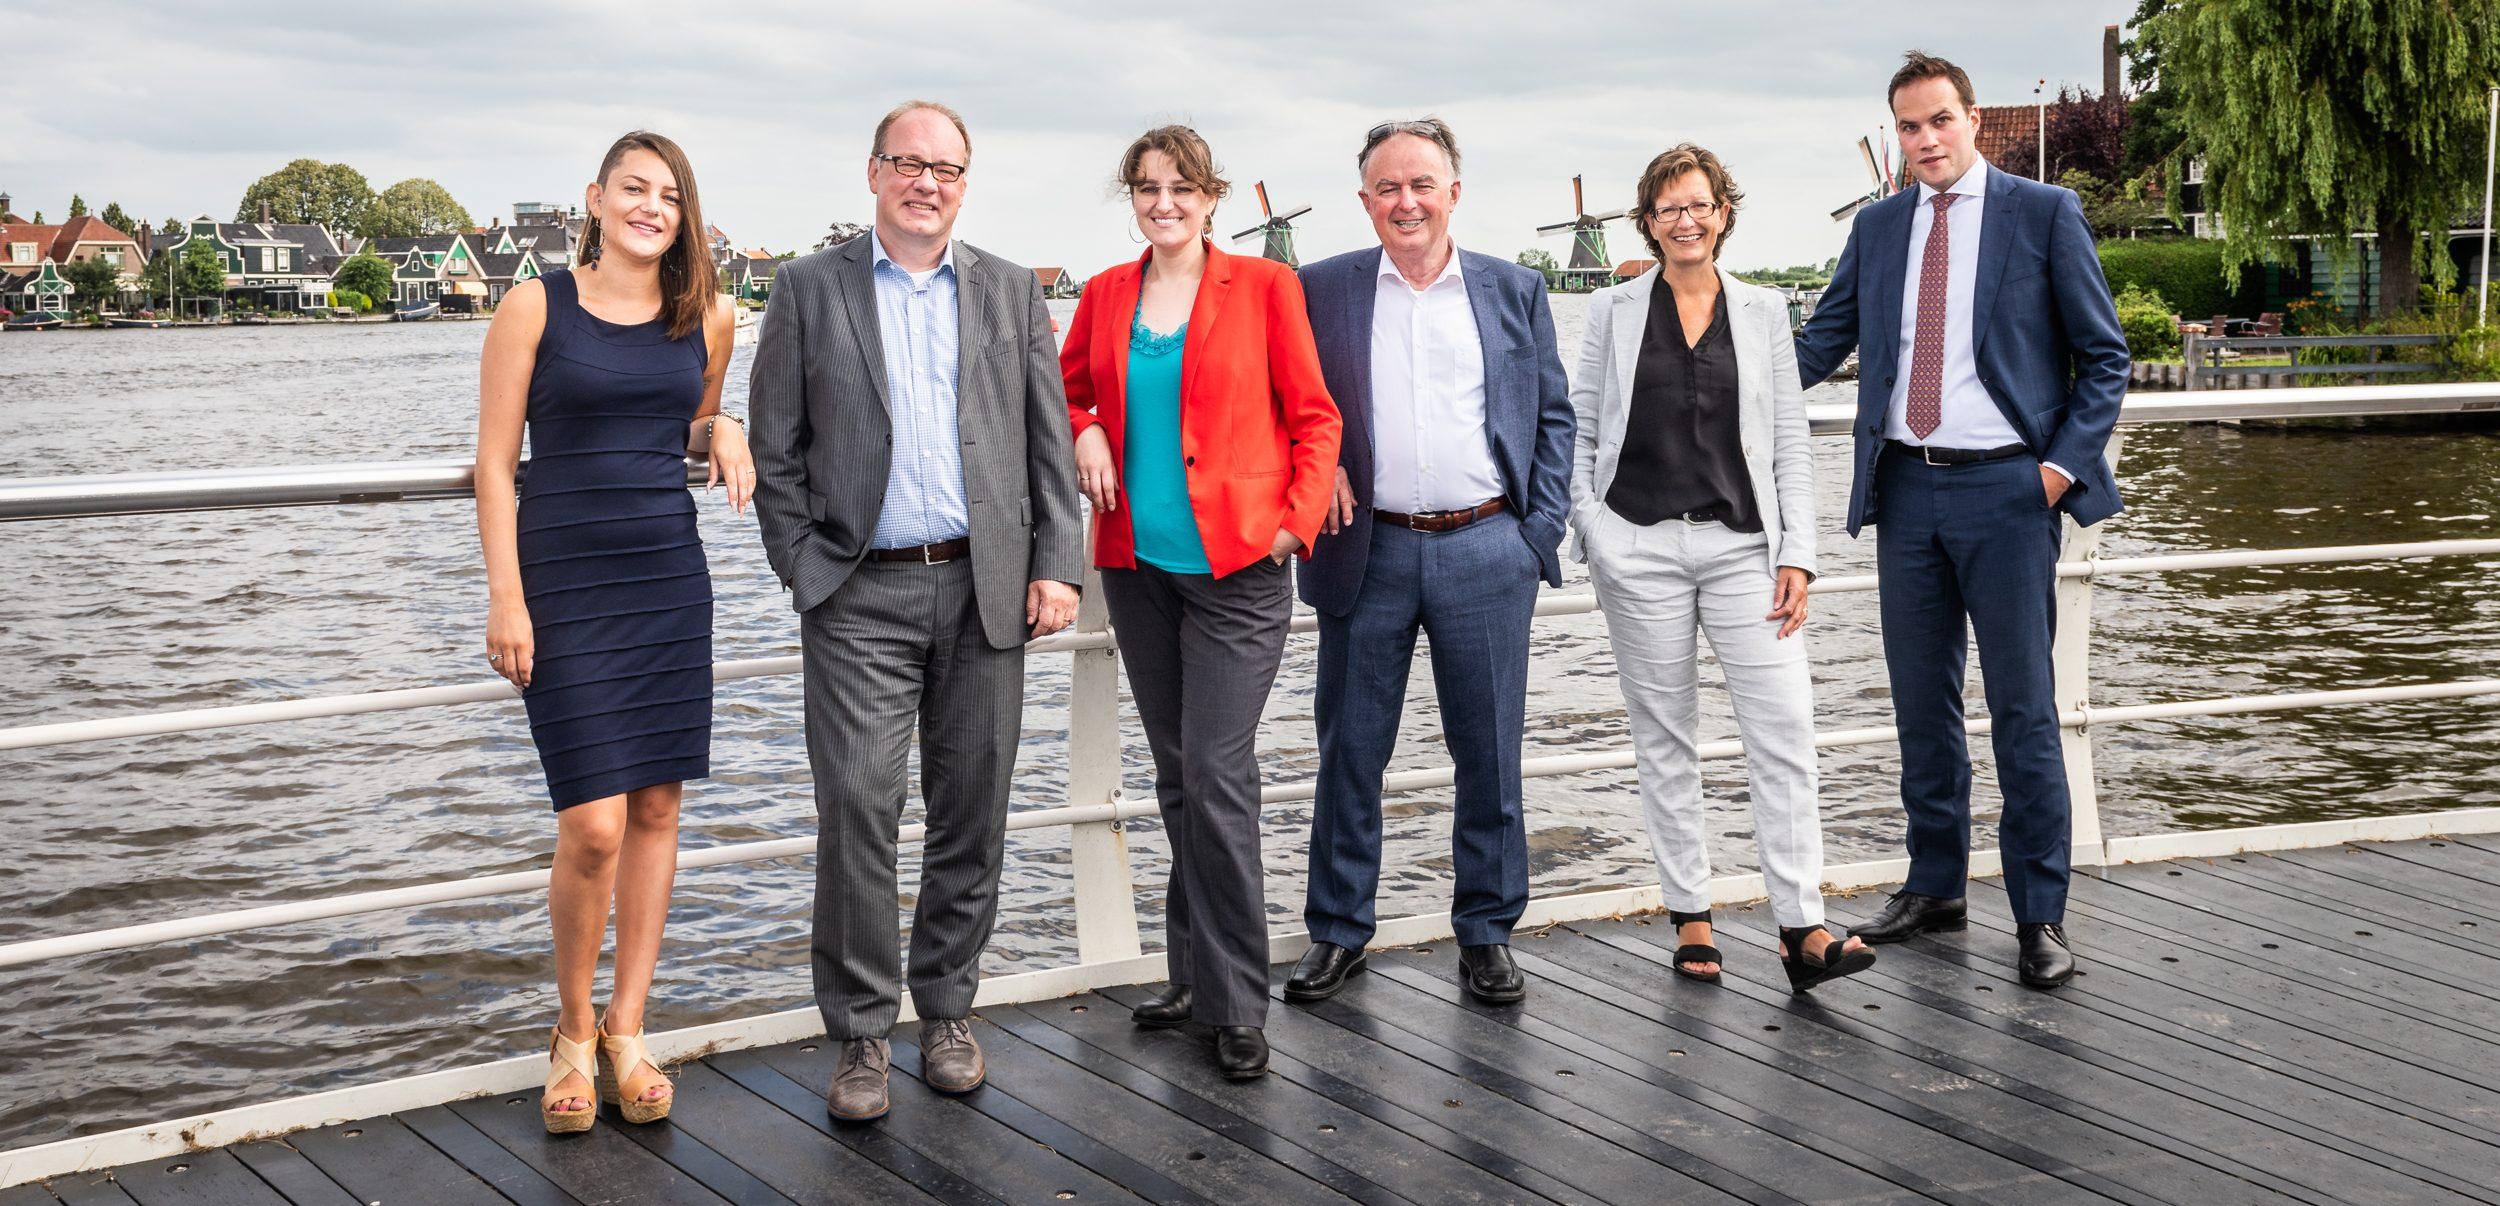 zaandadvocaten-zaan-zaanstreek-advocaten-advocaat-team